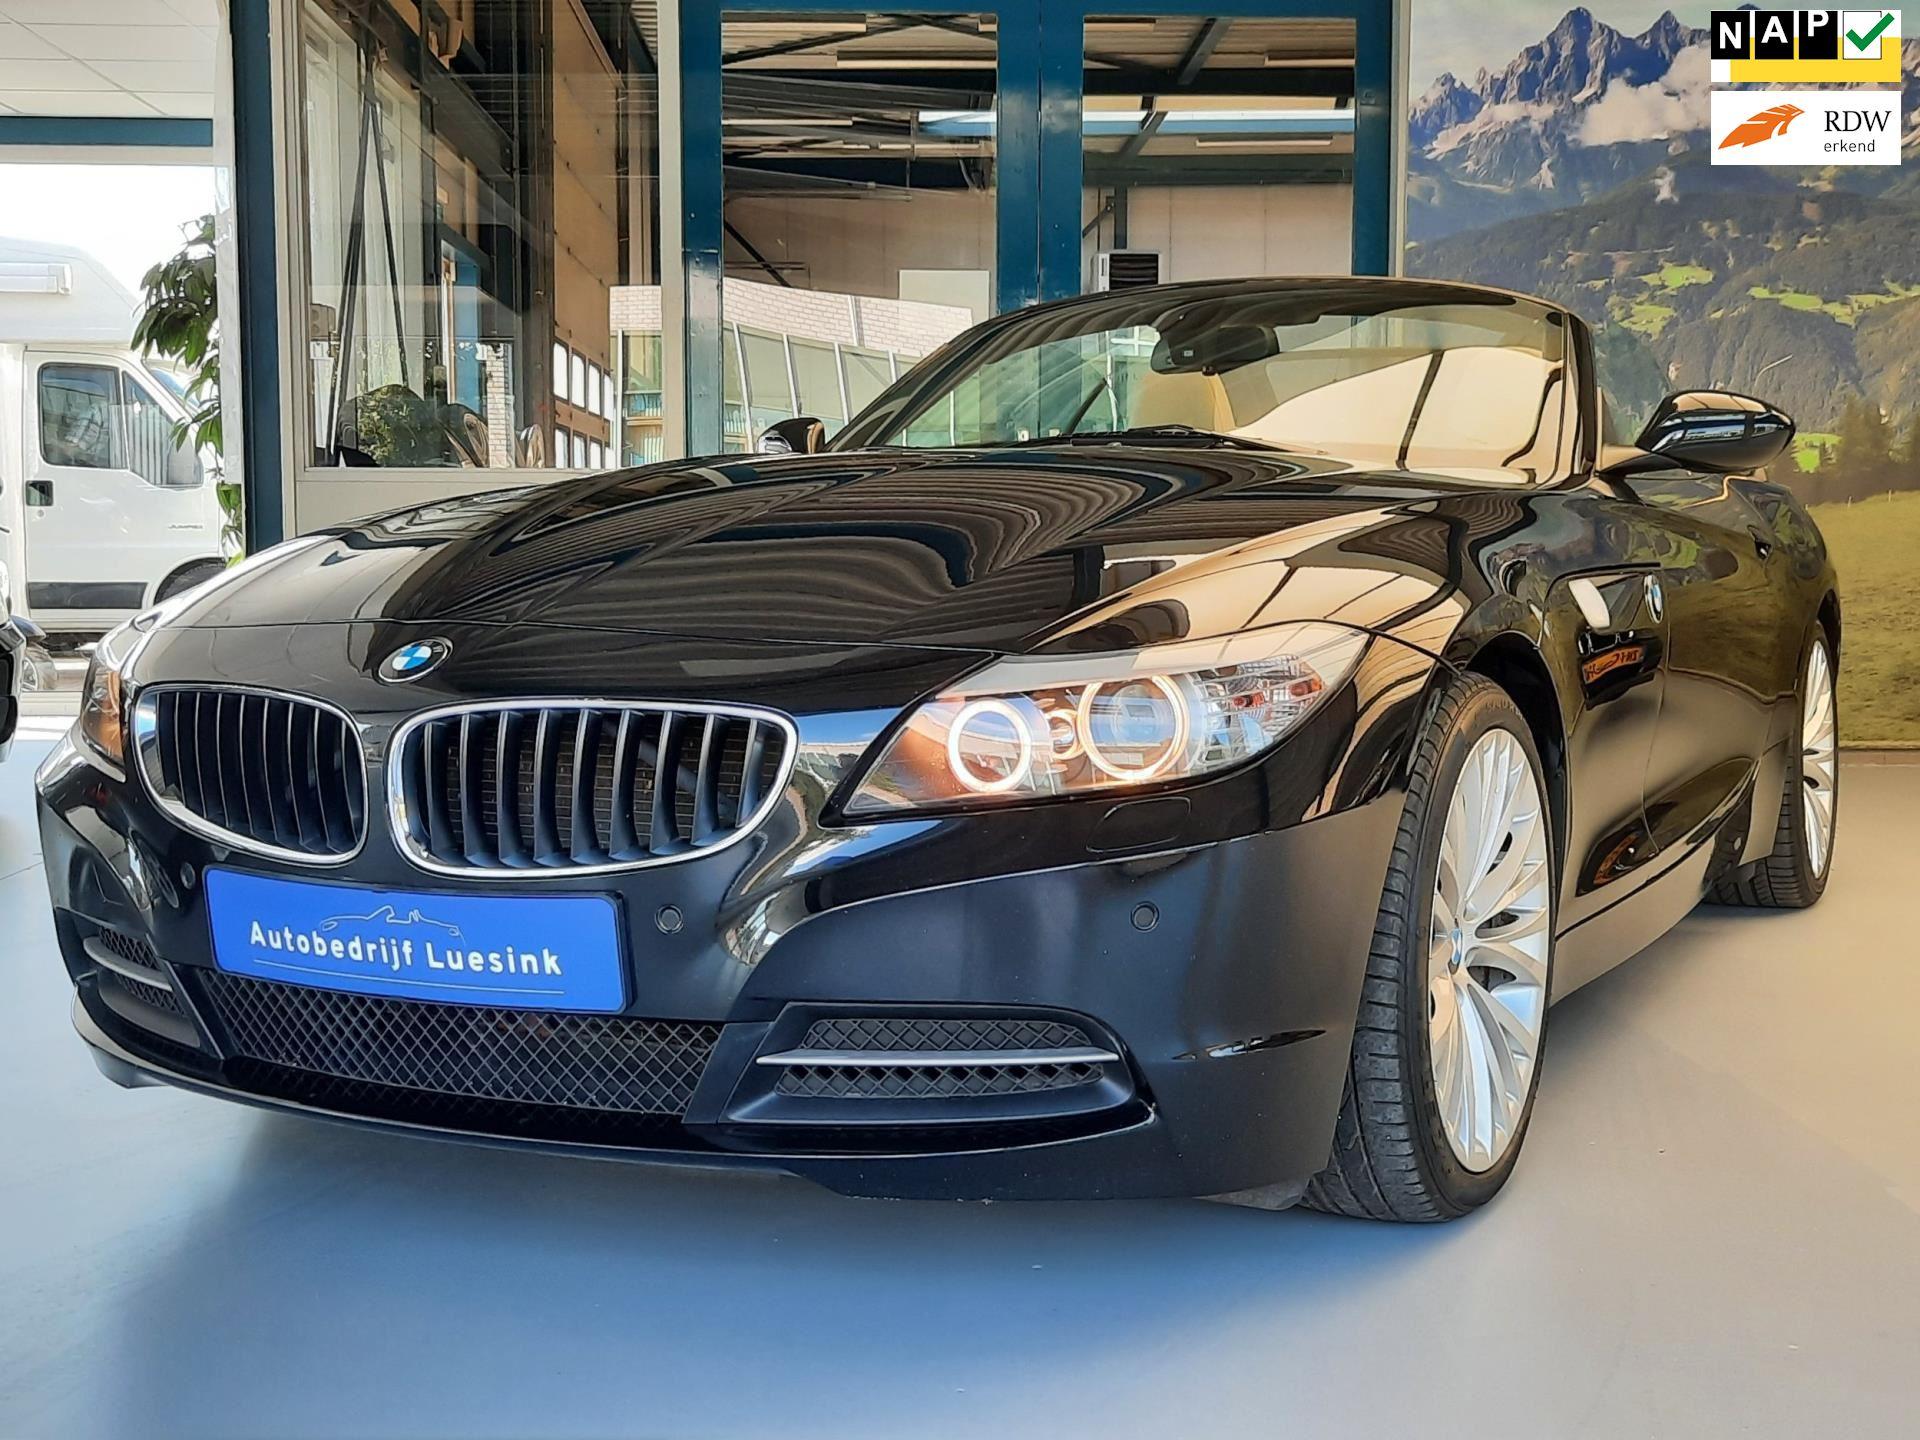 BMW Z4 Roadster occasion - Autobedrijf Luesink